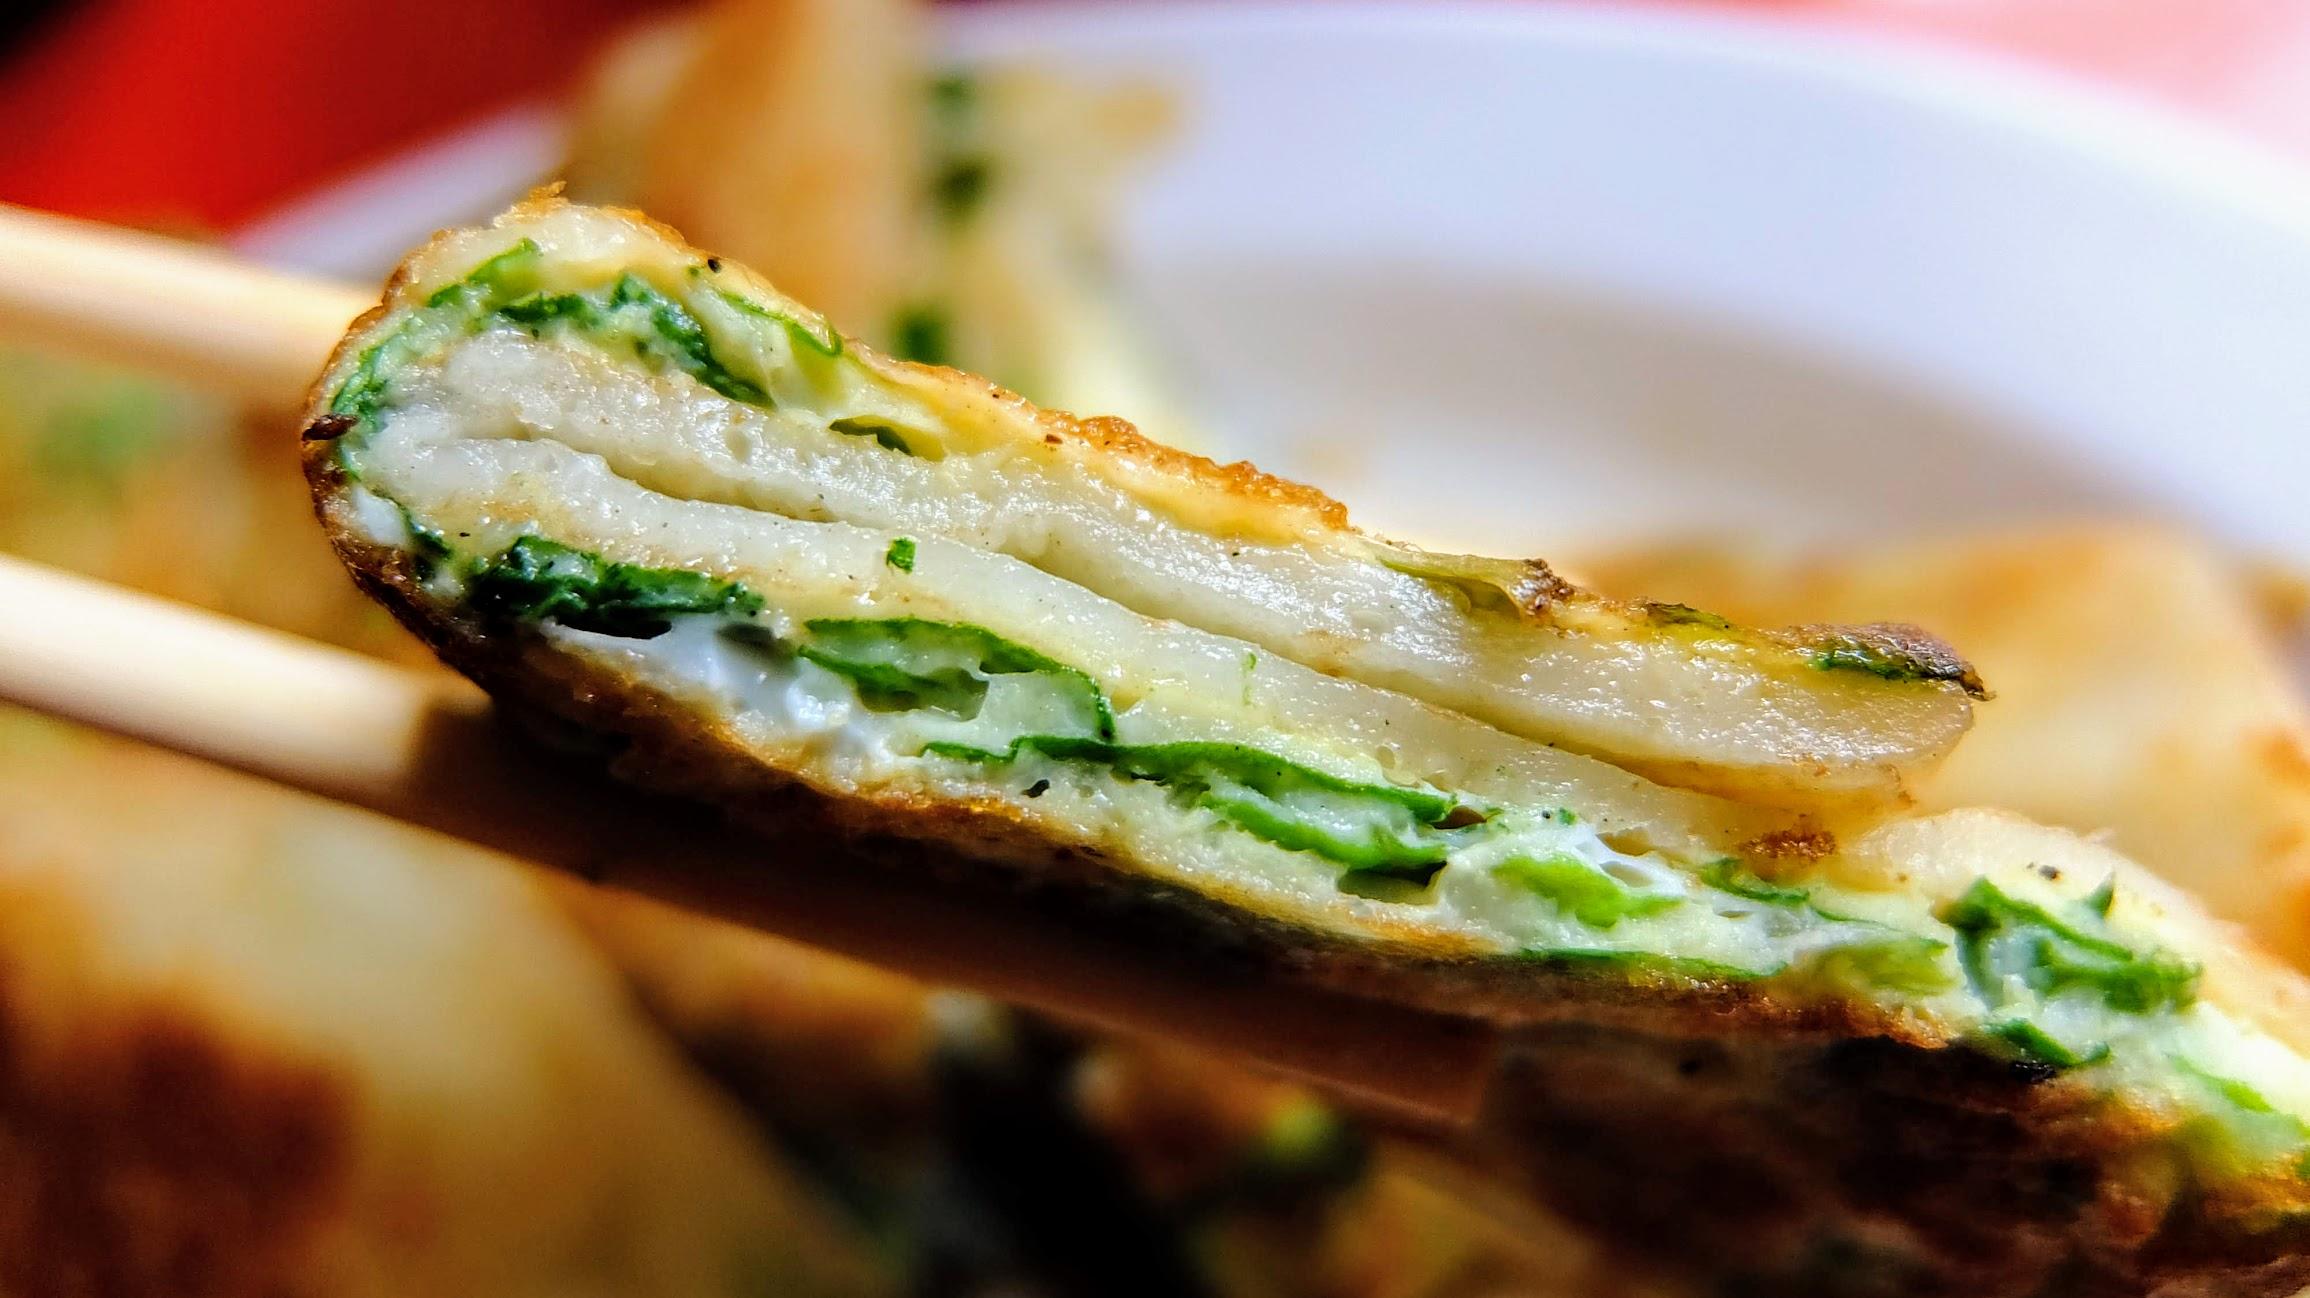 傳統麵糊蛋餅,底下有一層菜,另,麵糊並不會太糊喔! QQ彈彈的頗為不錯